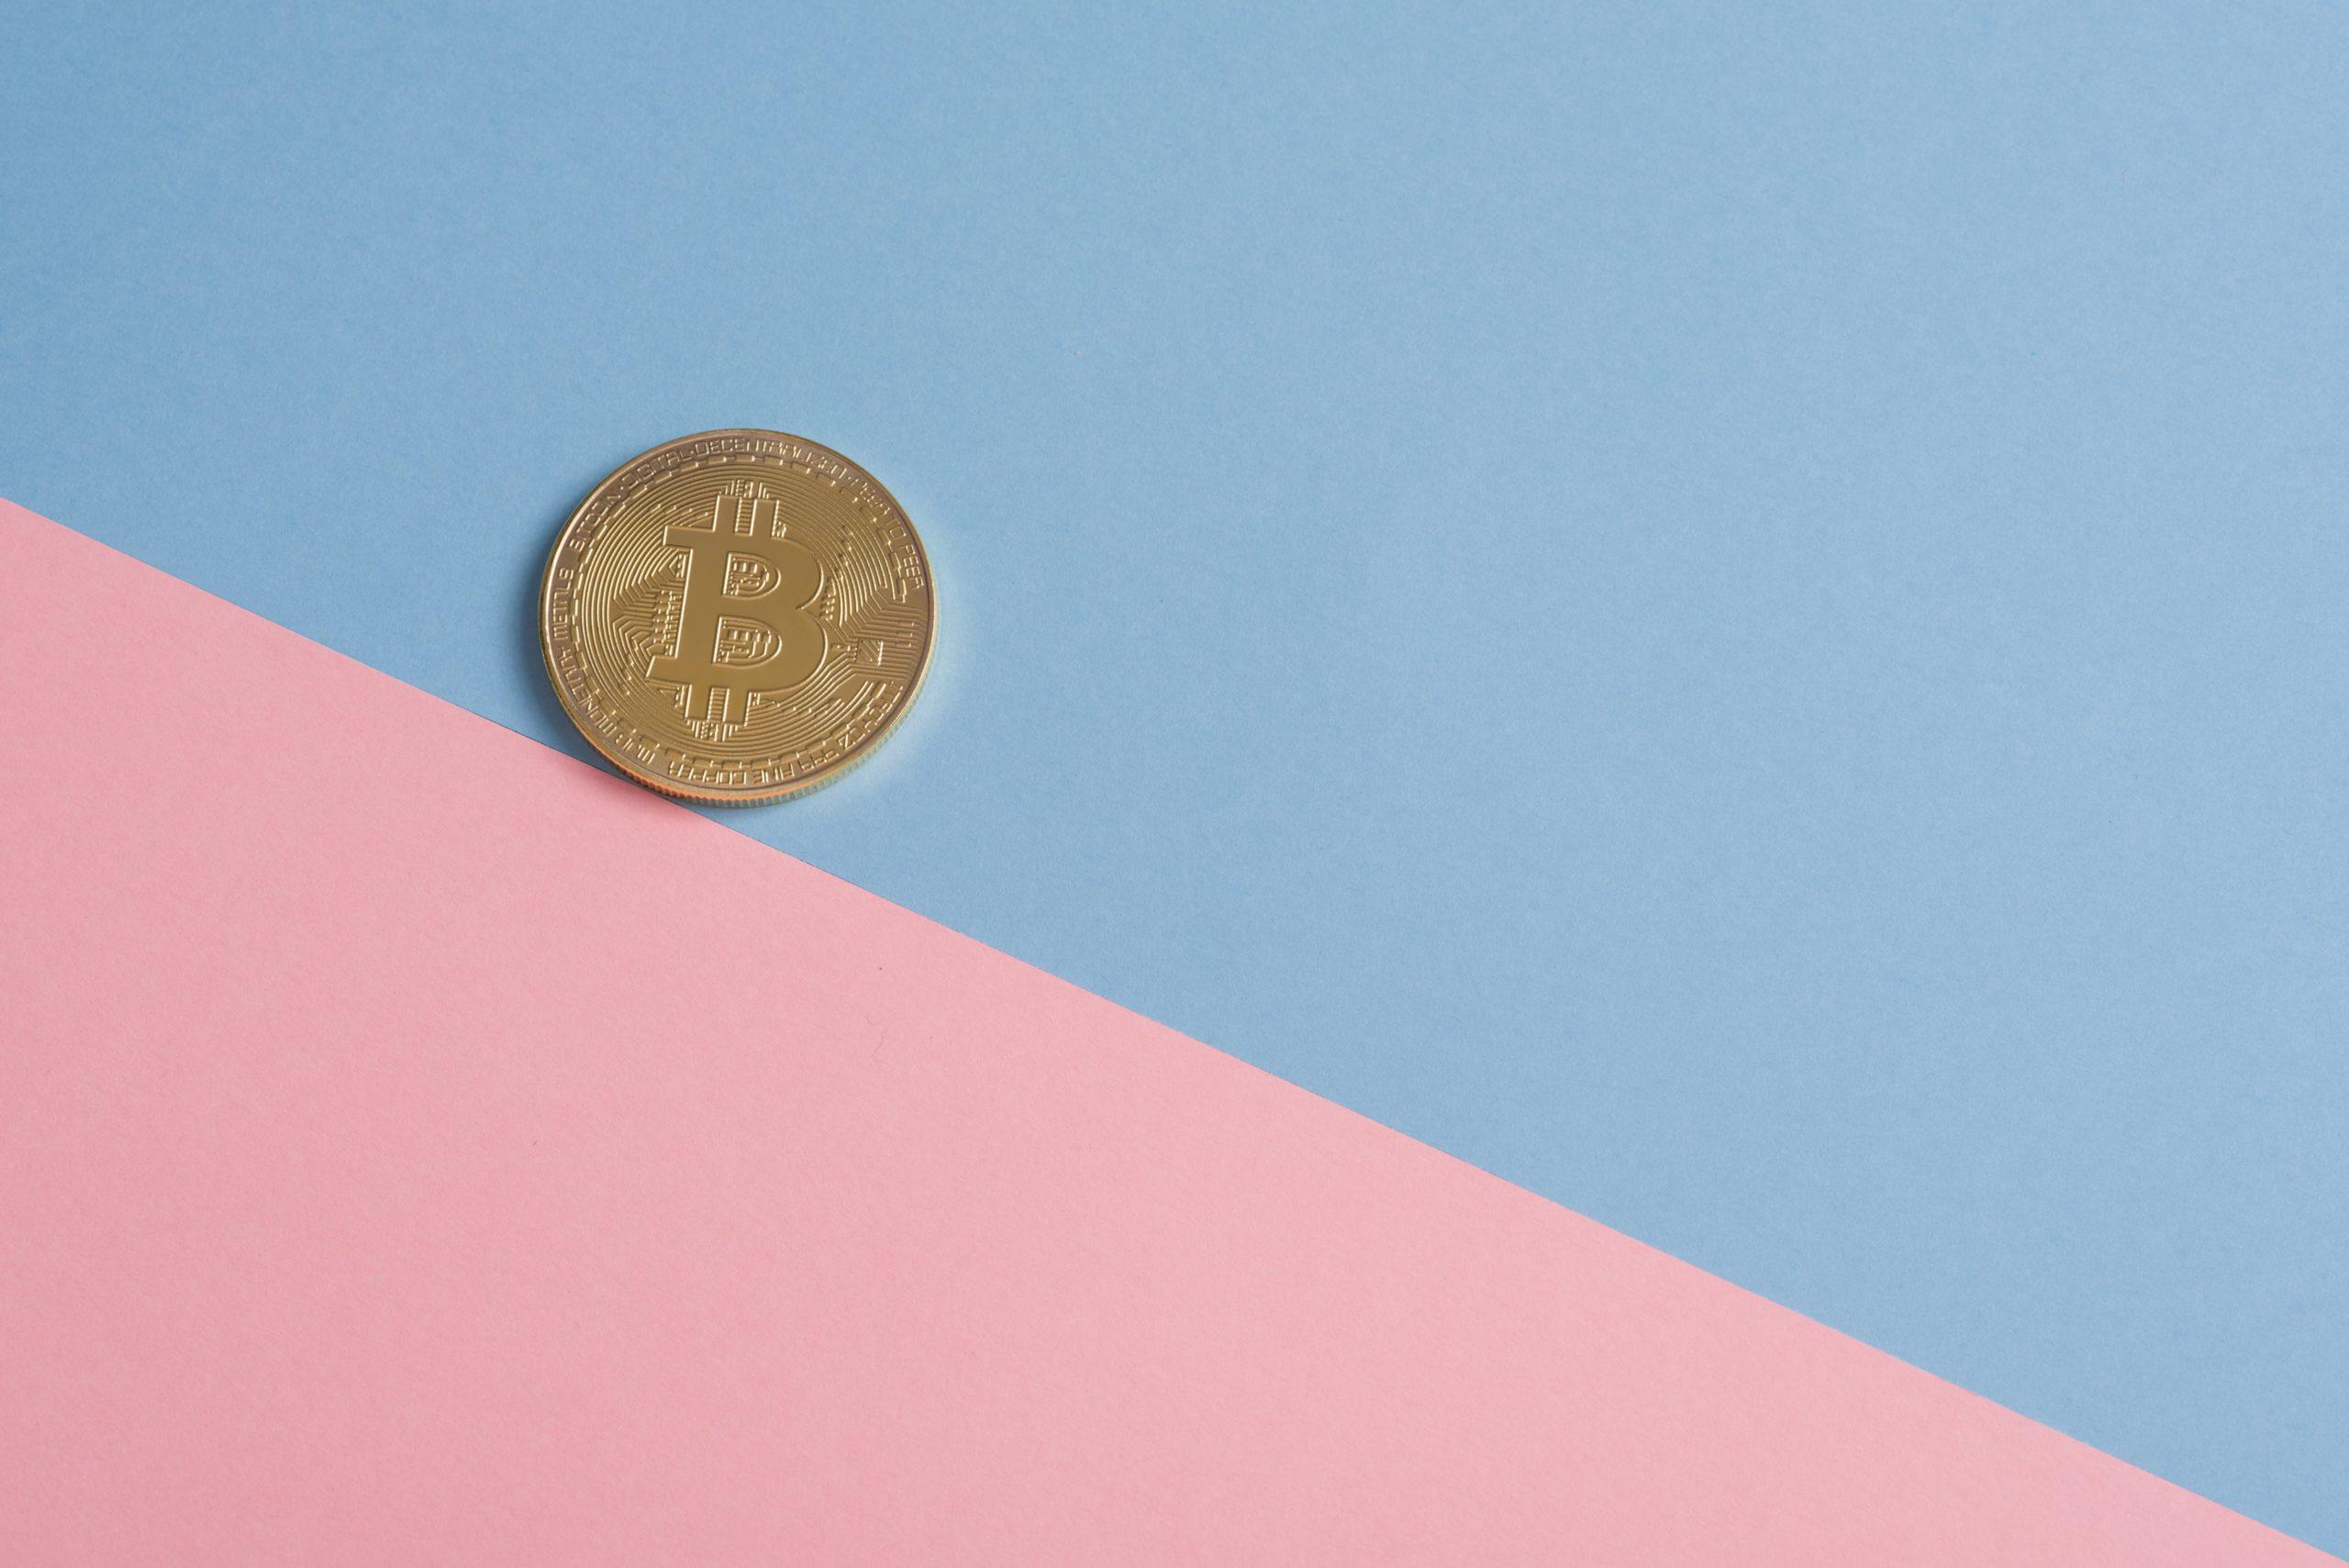 Bitcoin, ether, NFT : monnaies virtuelles, impact réel